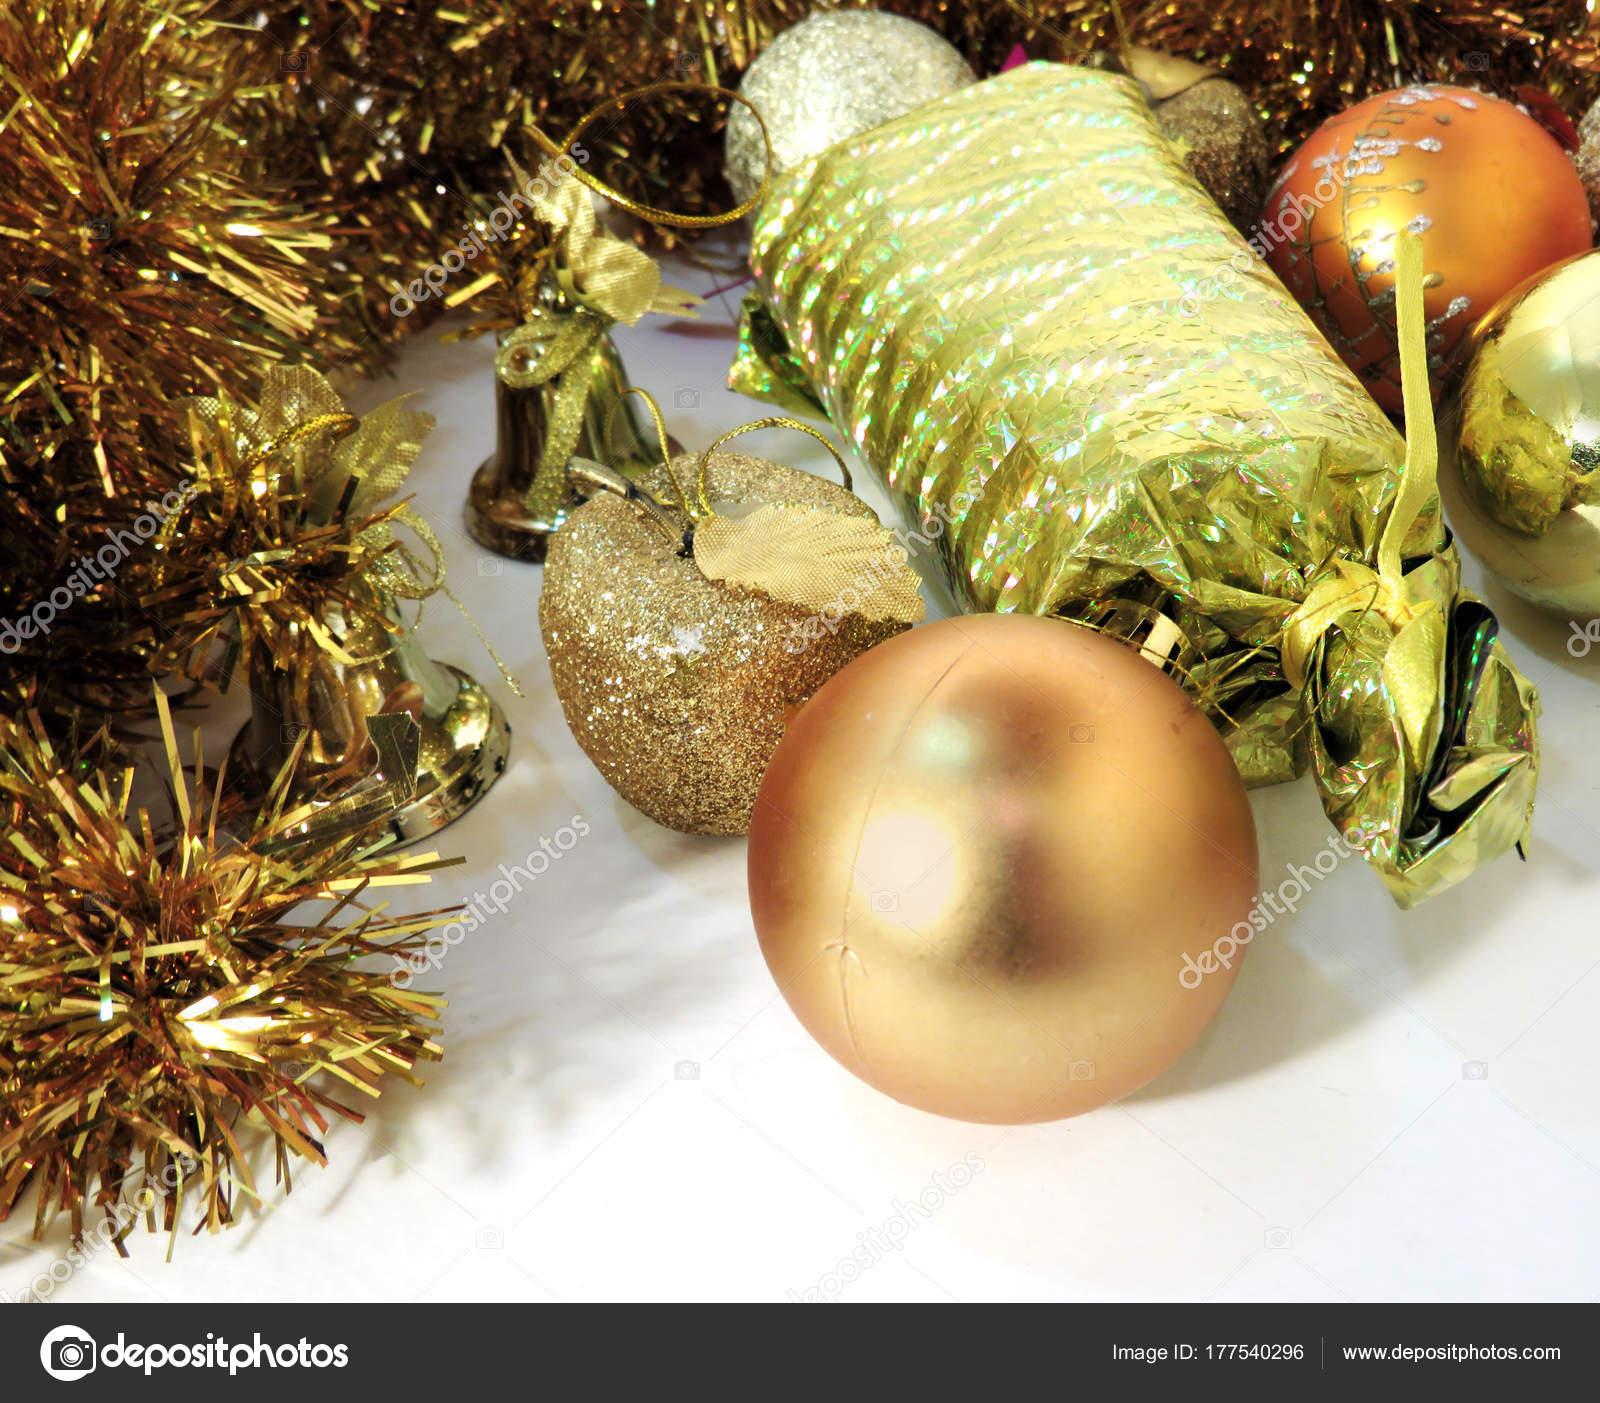 Foto Weihnachtsgeschenk mit Süßigkeiten in eine goldene Verpackung ...